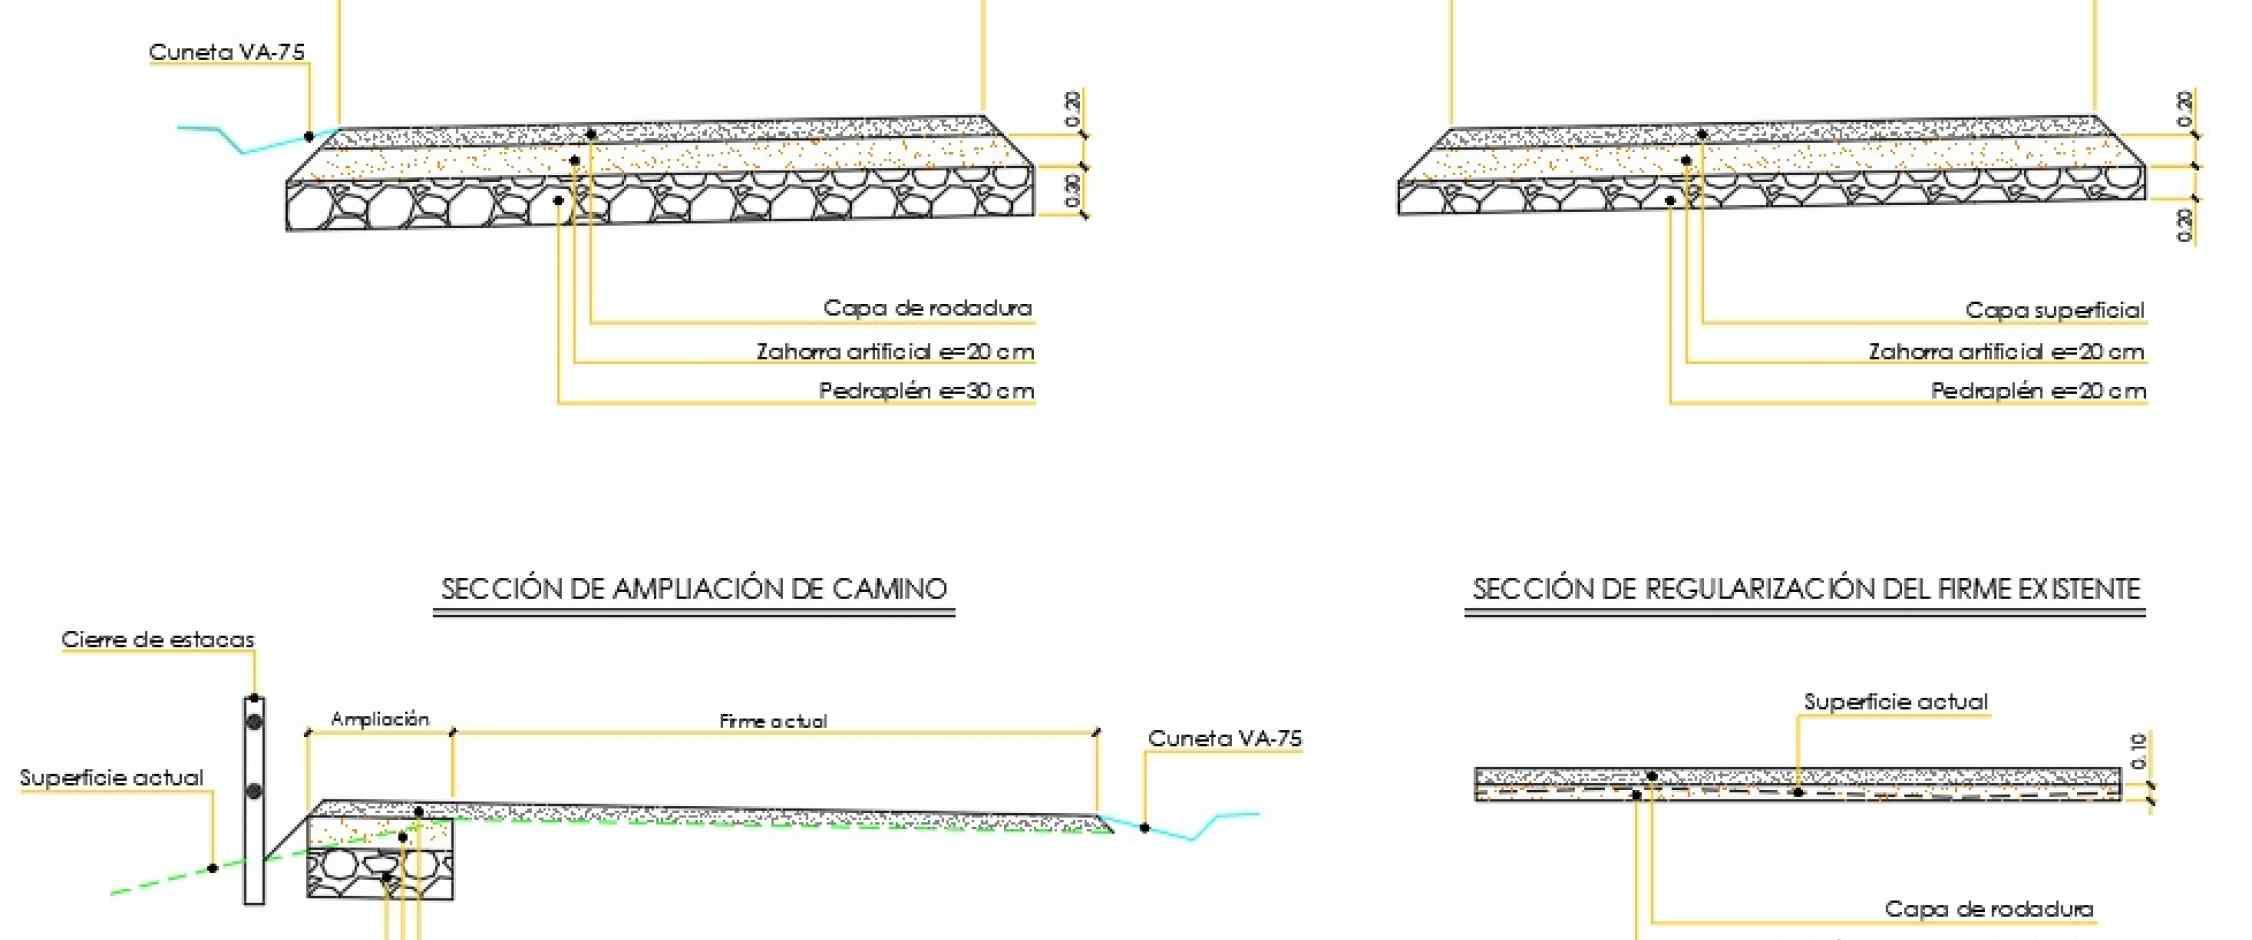 Detalle de secciones